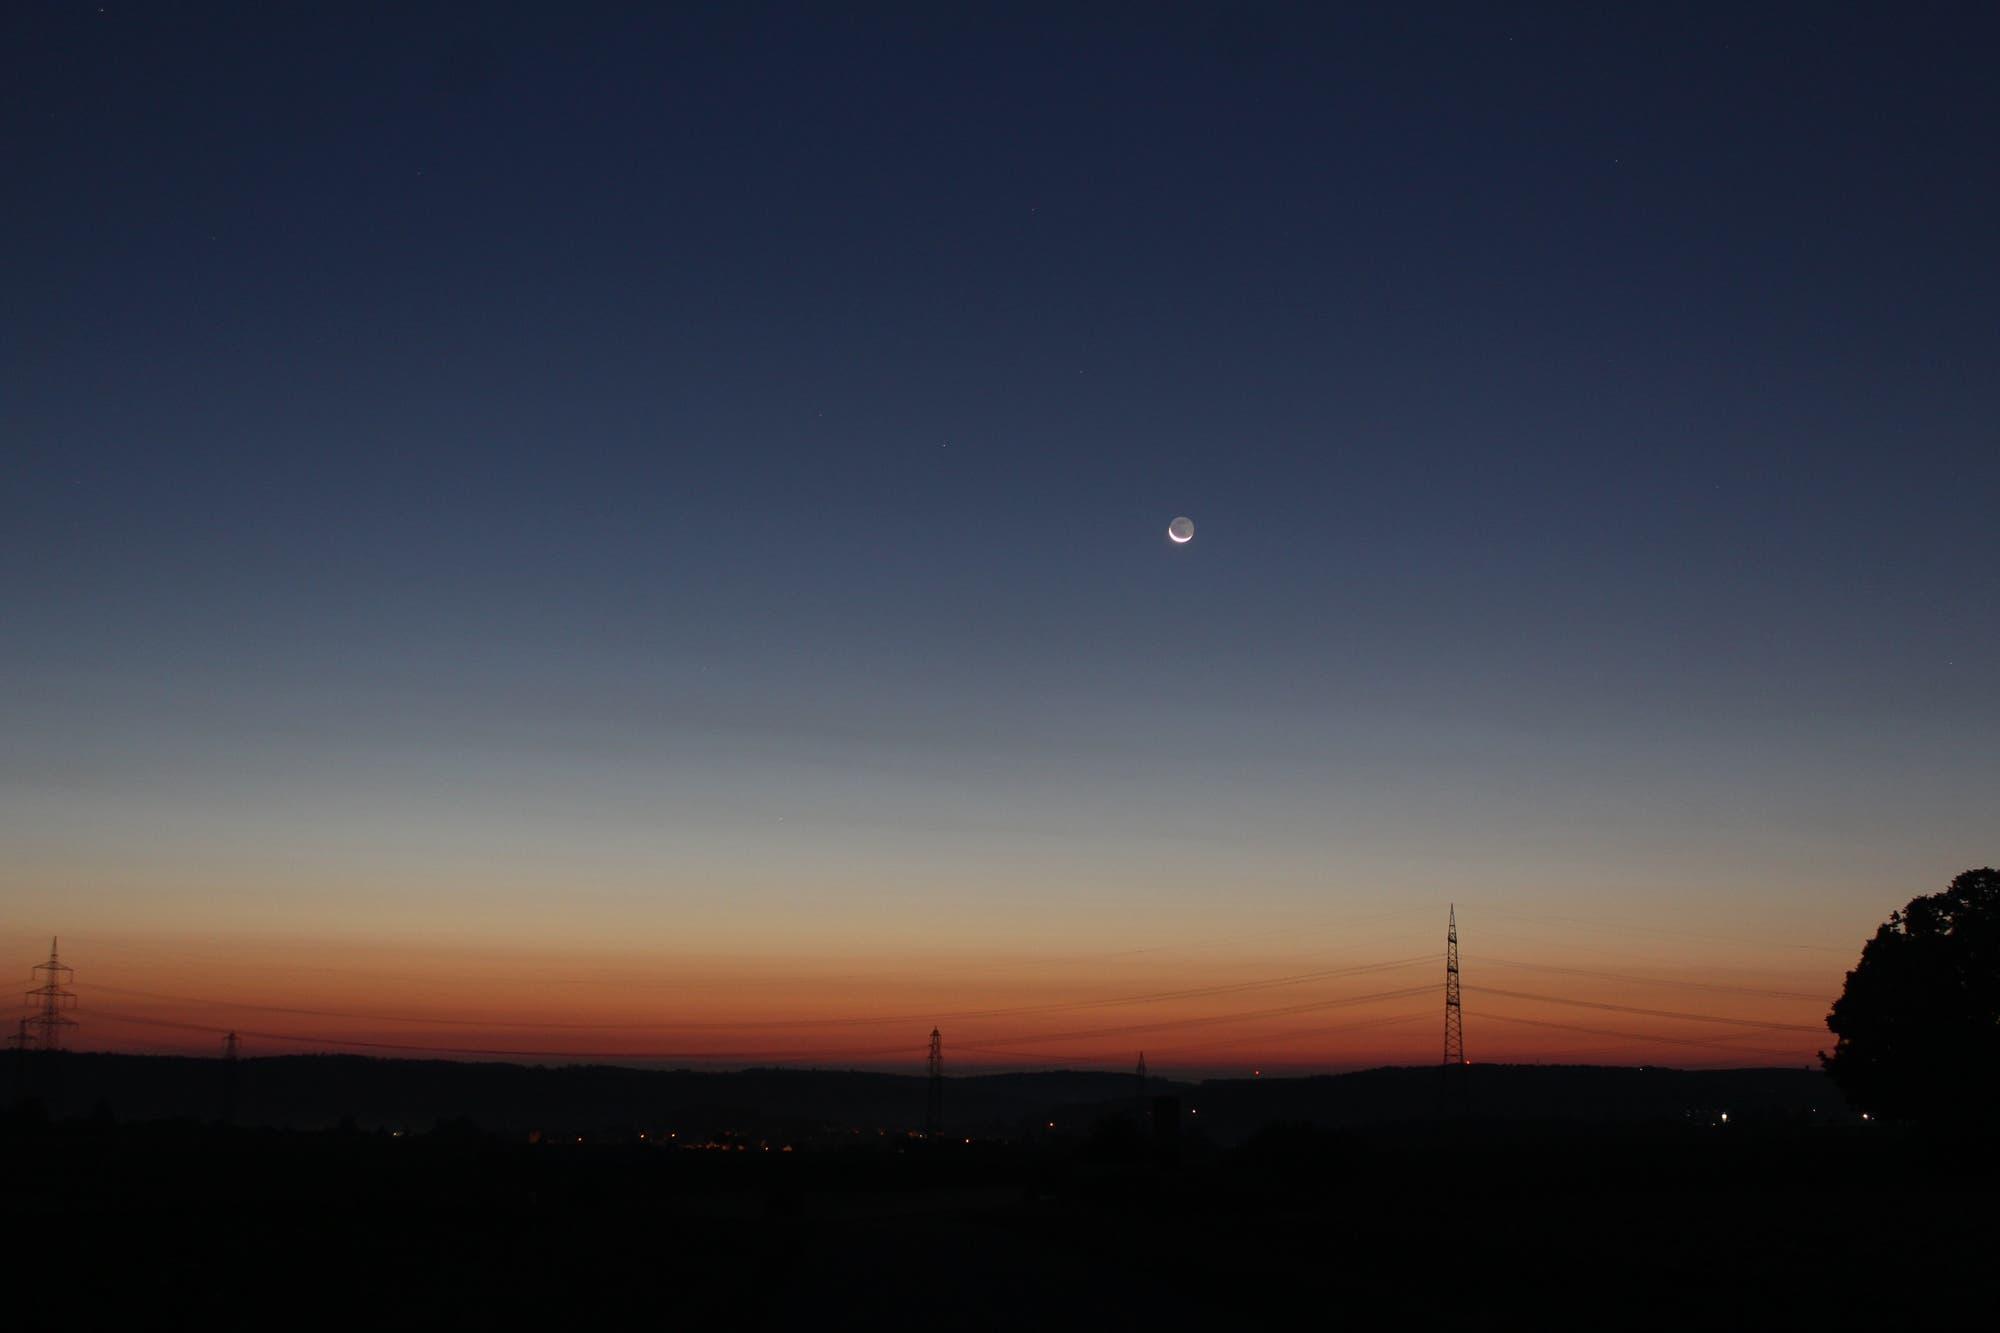 Abnehmender Mond in der Morgendämmerung